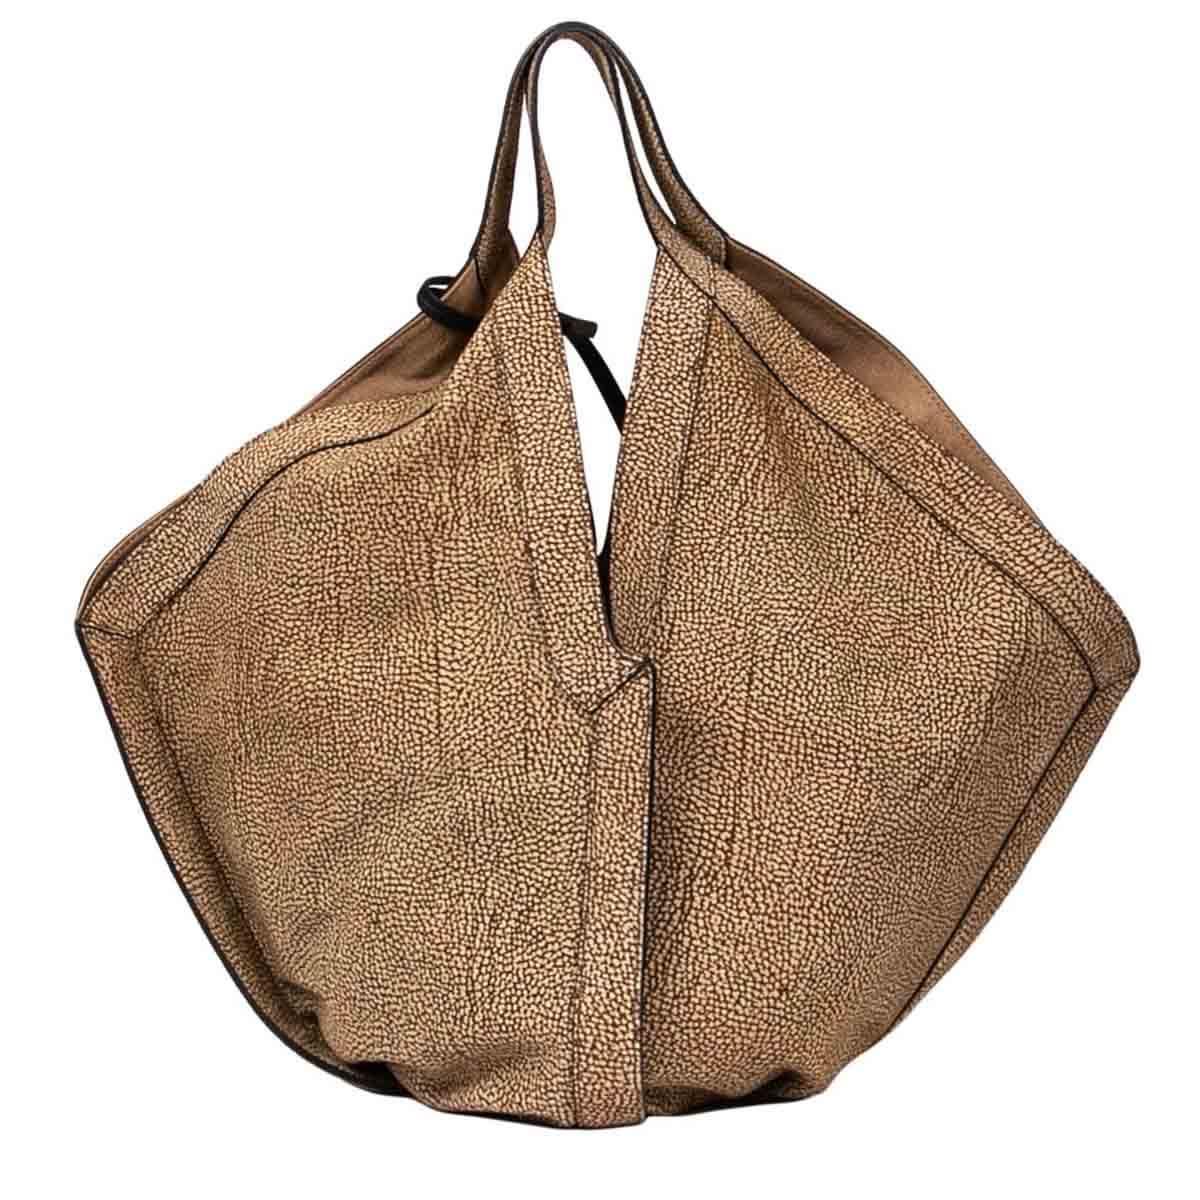 Medium Augusta Bag